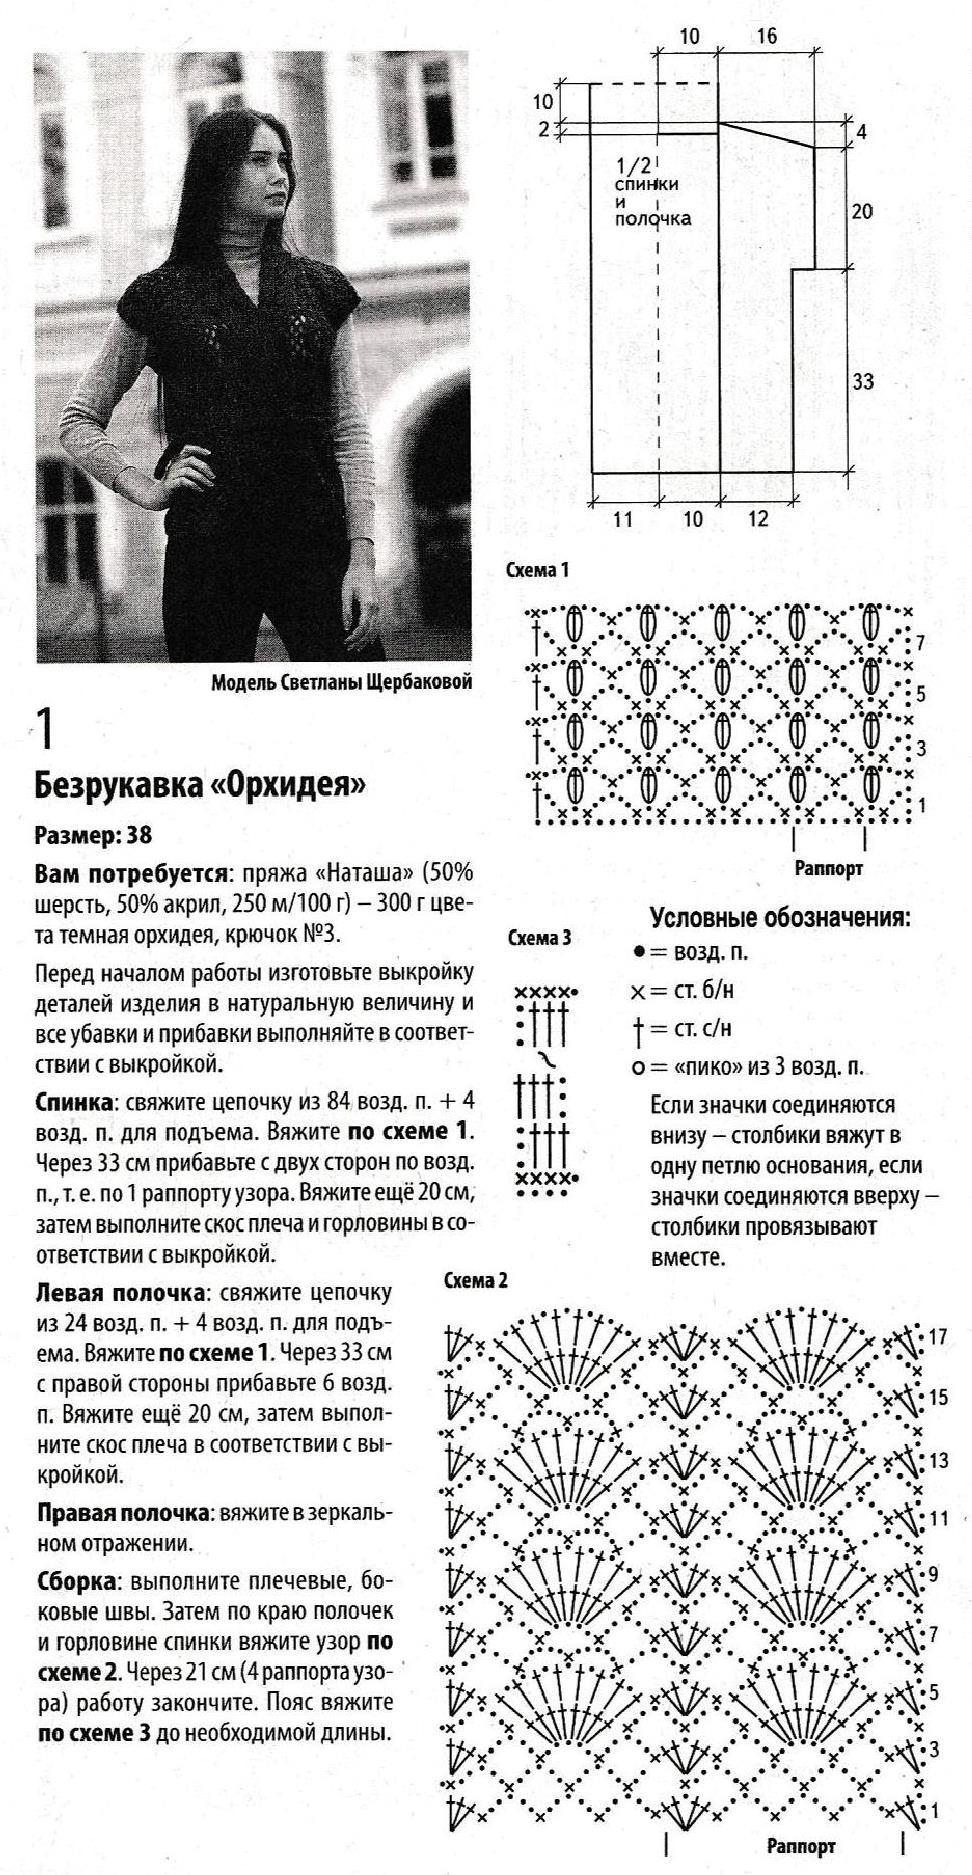 1026_ВяжемКрюч10_2016 (4)